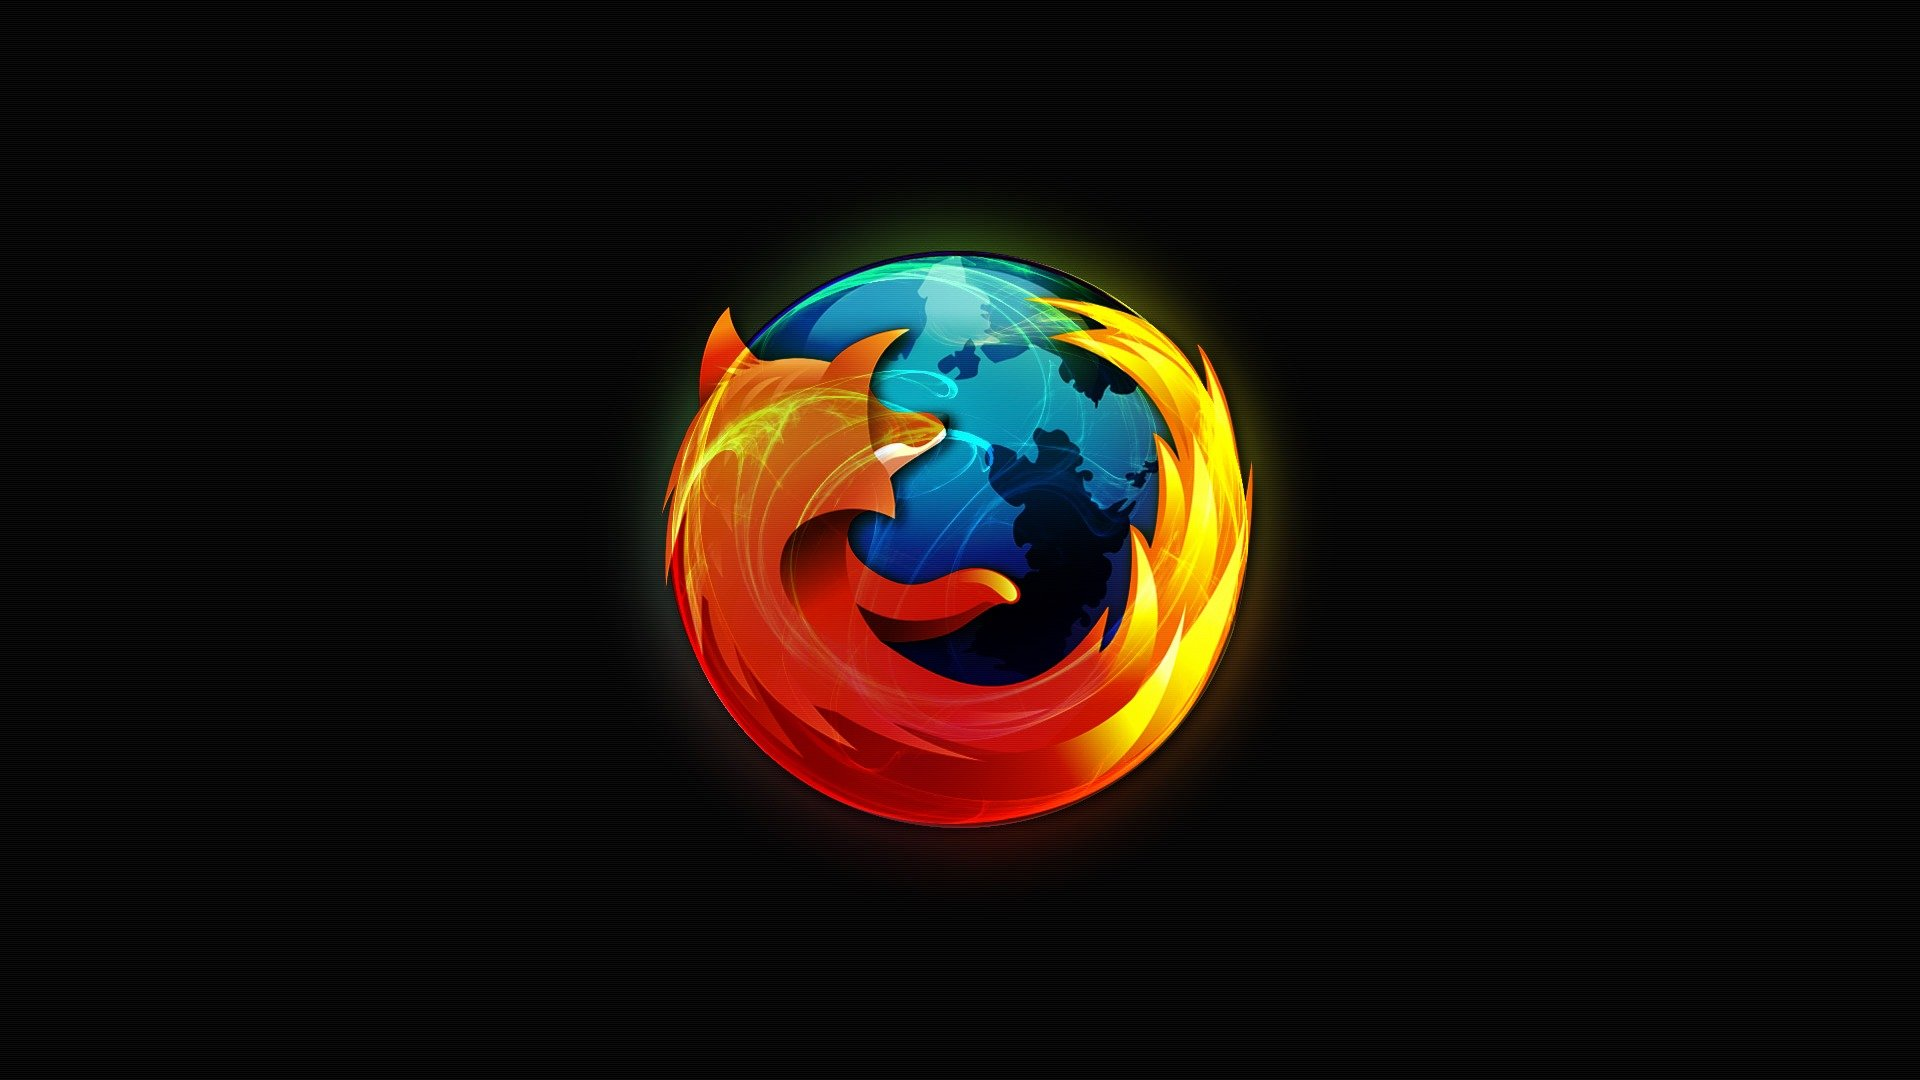 картинки фон на браузер